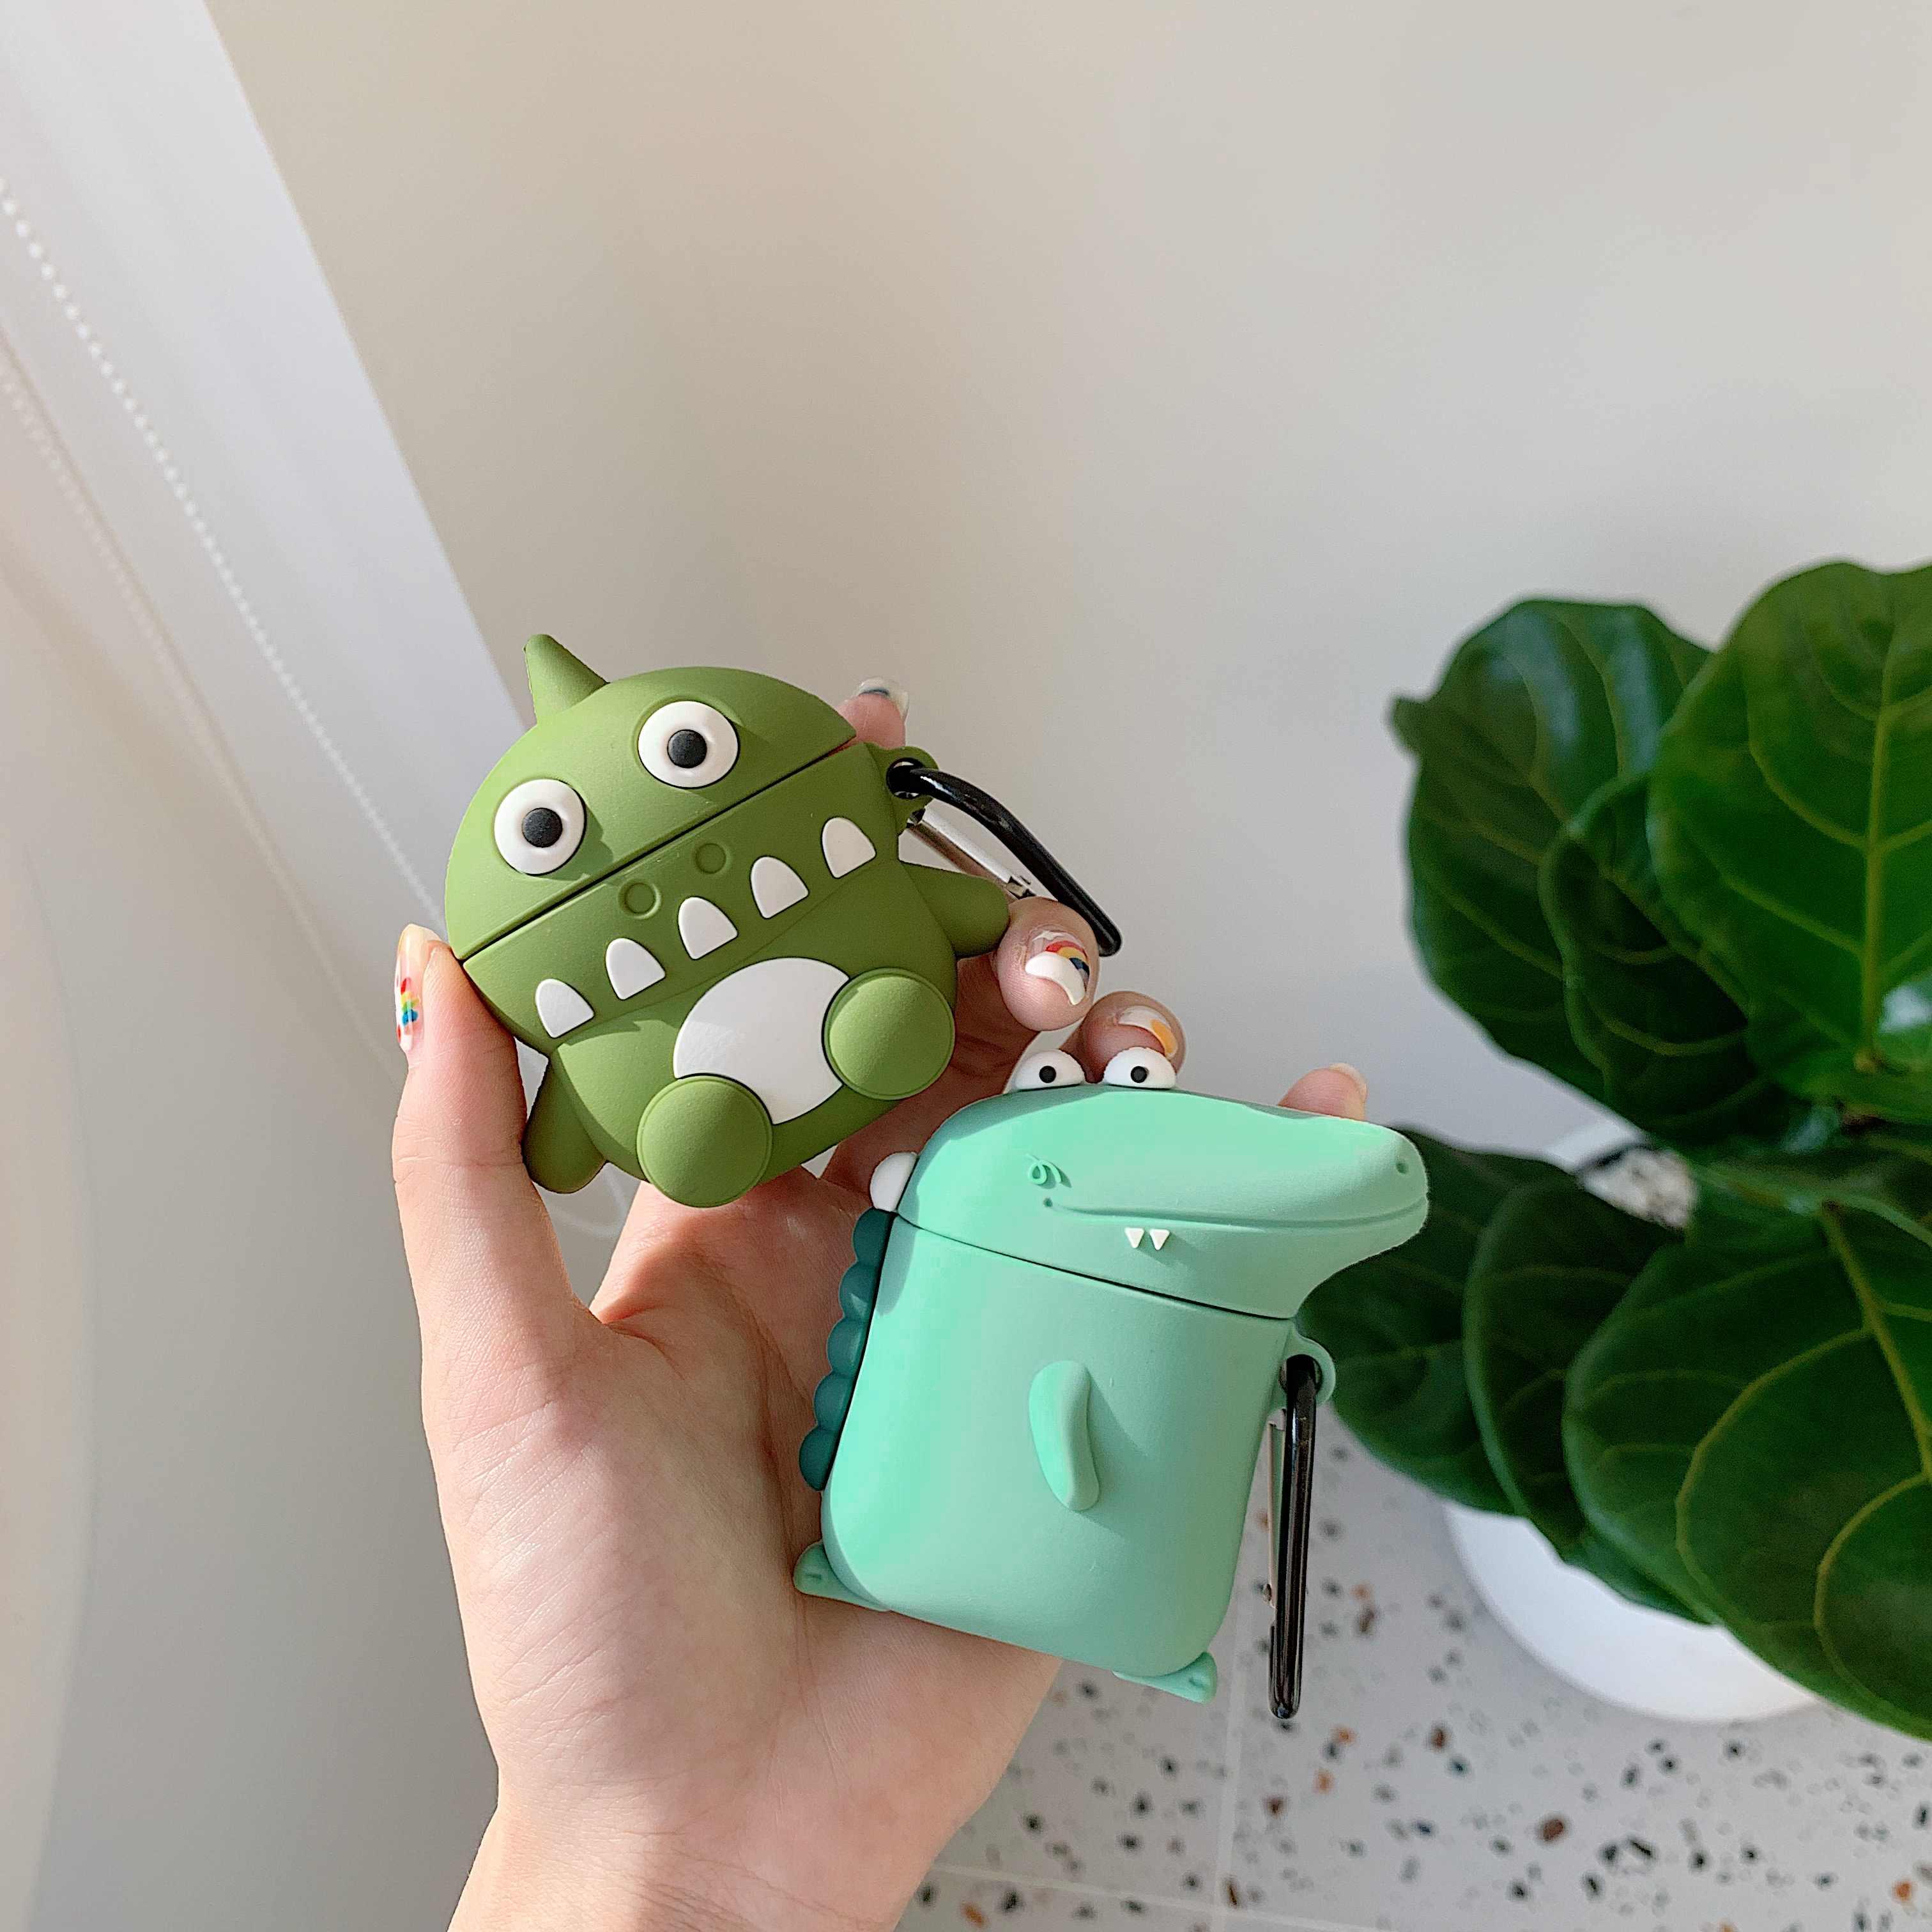 3D śliczne piękny Cartoon lew krokodyl Dinosaur Case dla Apple Airpods 1 2 bezprzewodowe słuchawki douszne pokrywa ochronna Shell Box